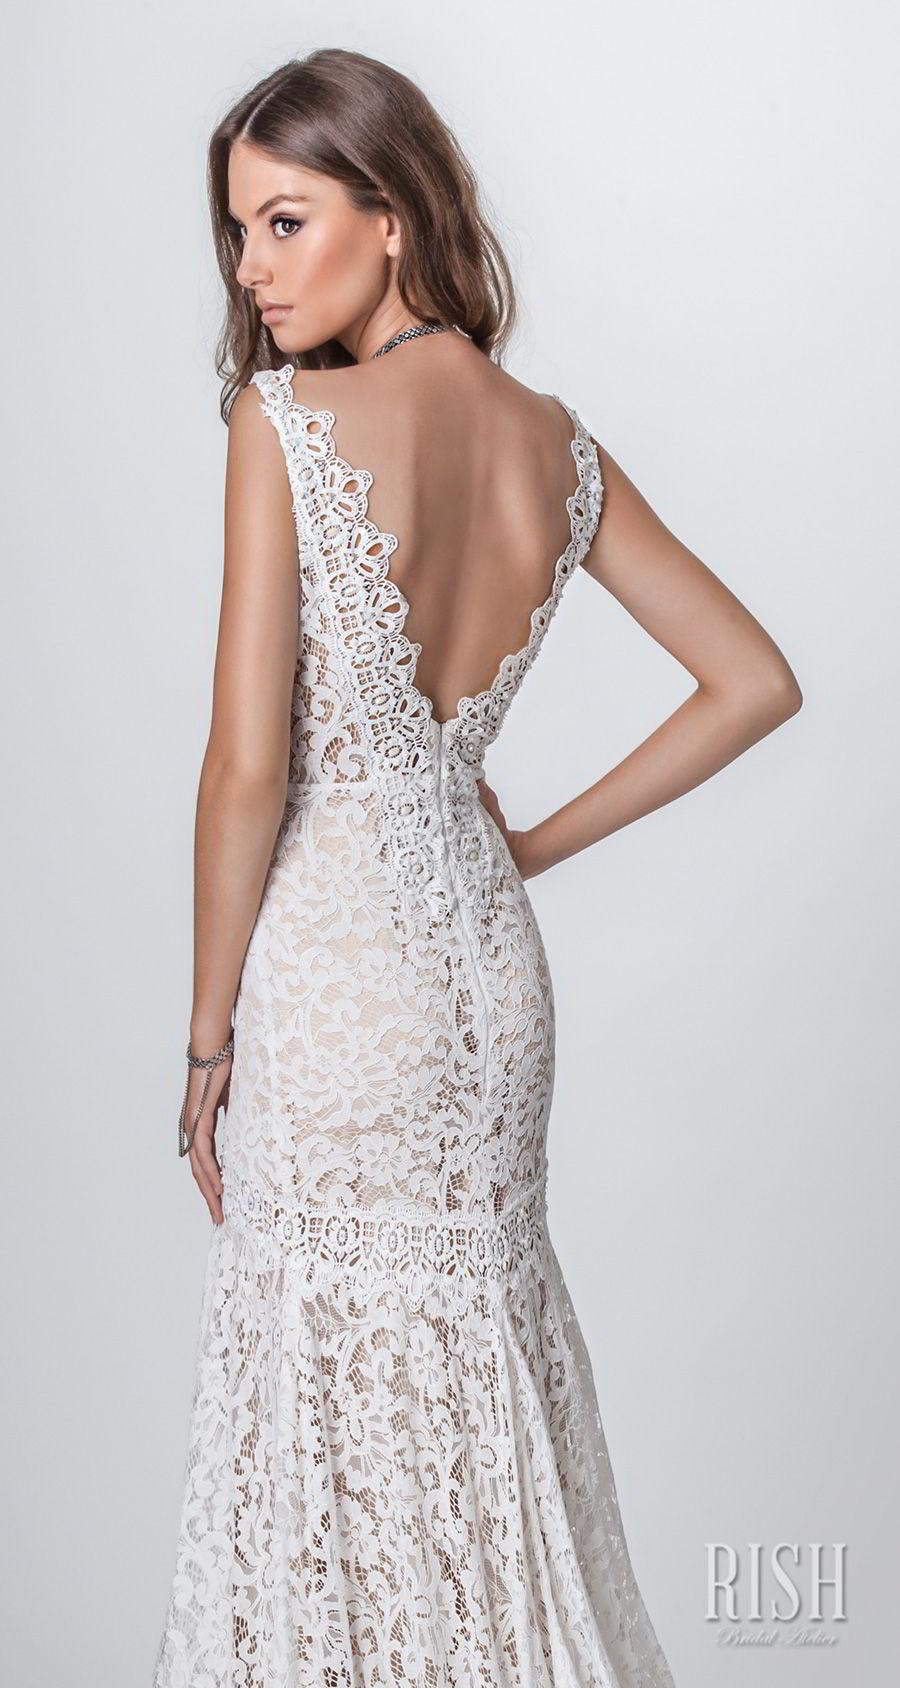 rish bridal sun dance 2018 sleeveless deep v neck full embellishment elegant fit and flare wedding dress open v back chapel train (nina) zbv